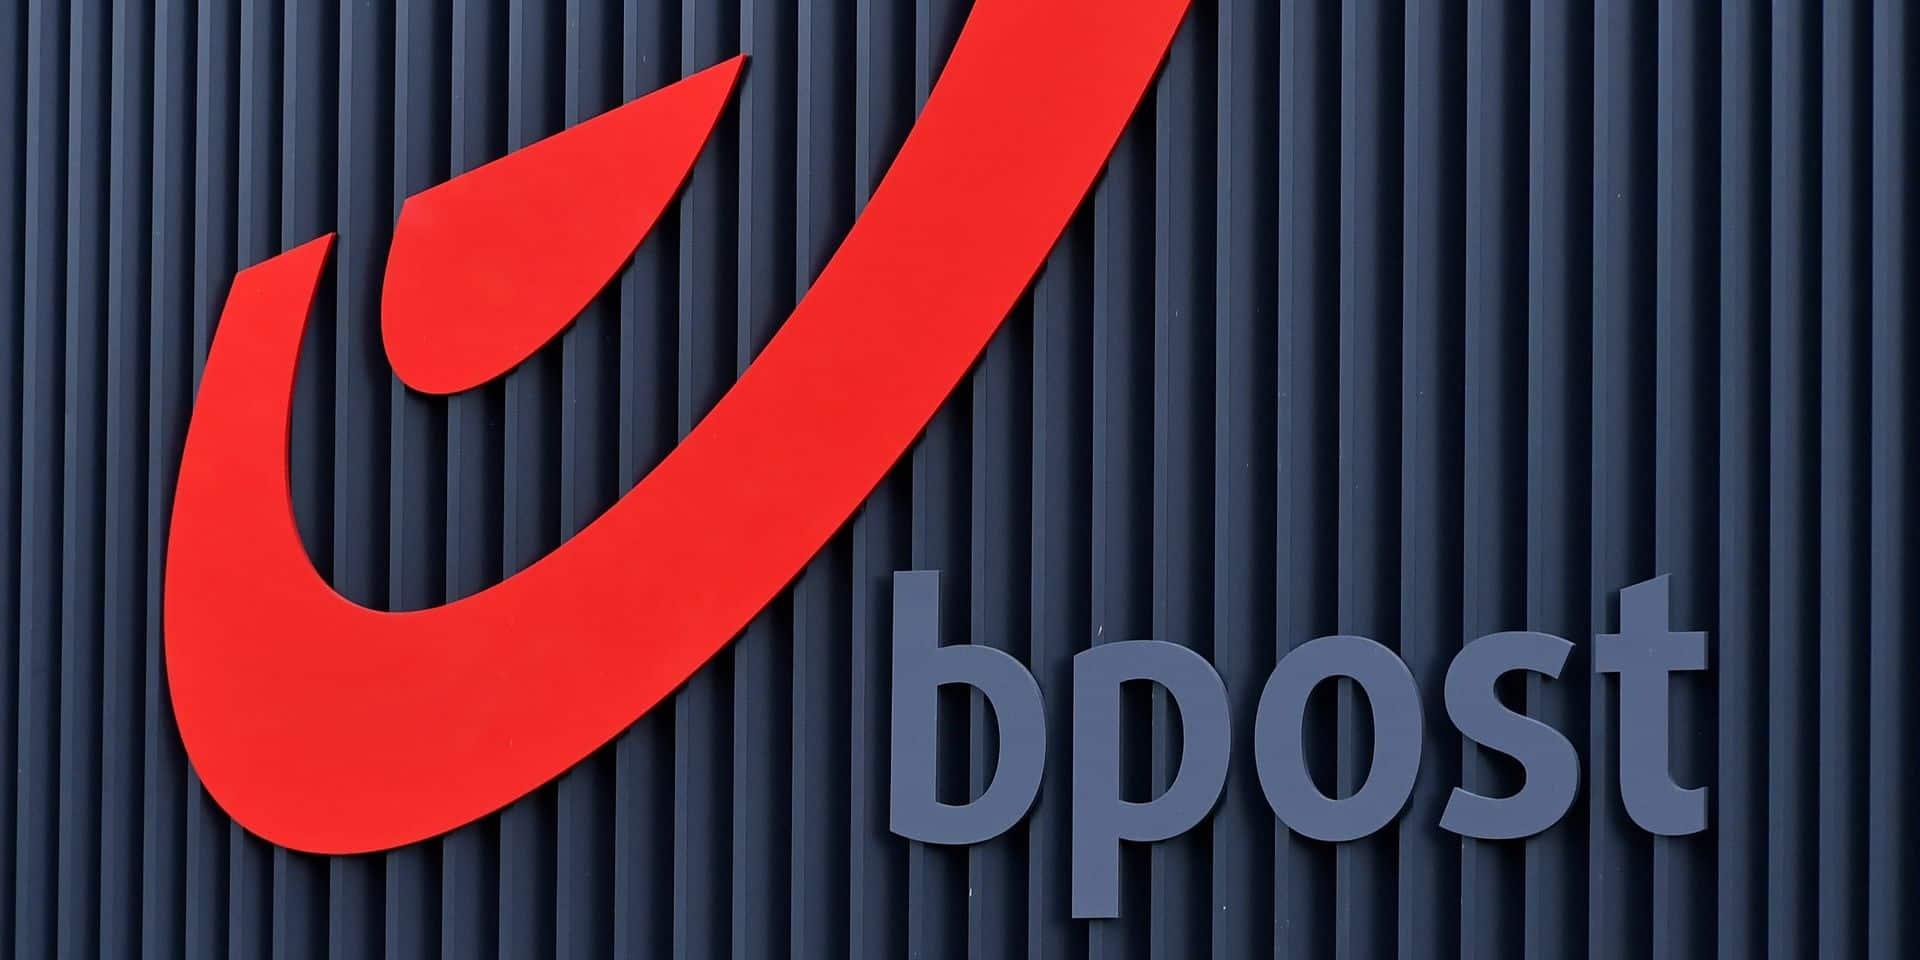 Un nouveau CEO à la tête de Radial, la filiale américaine de Bpost